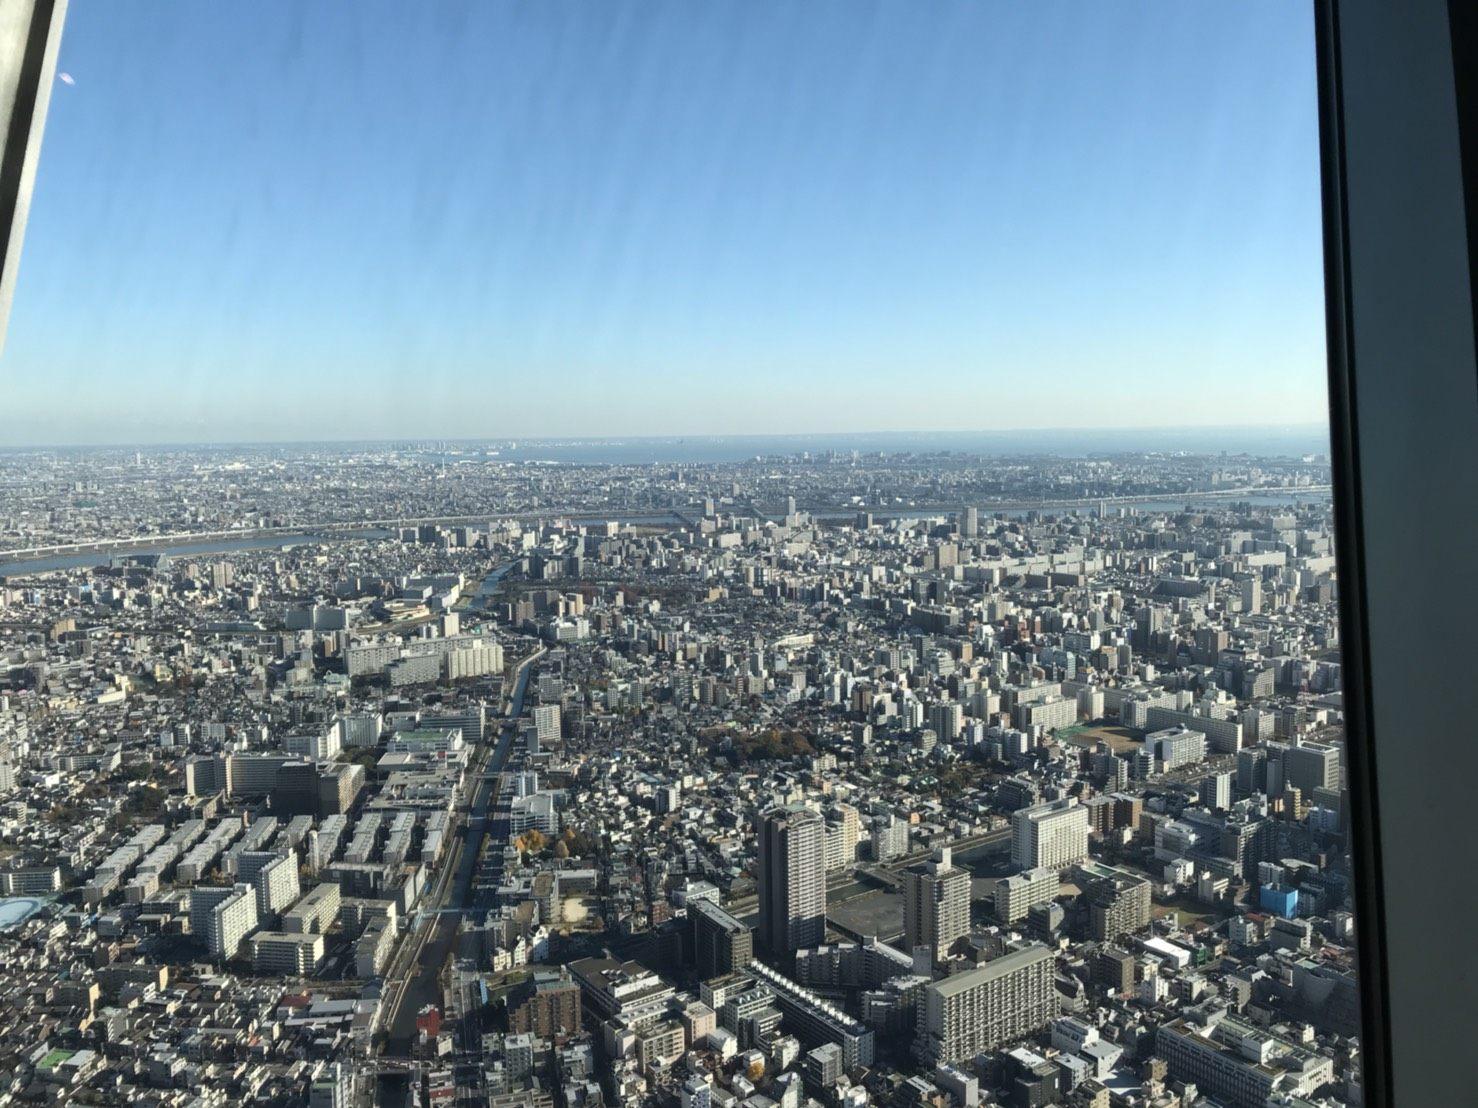 从天望回廊上鸟瞰东京全貌